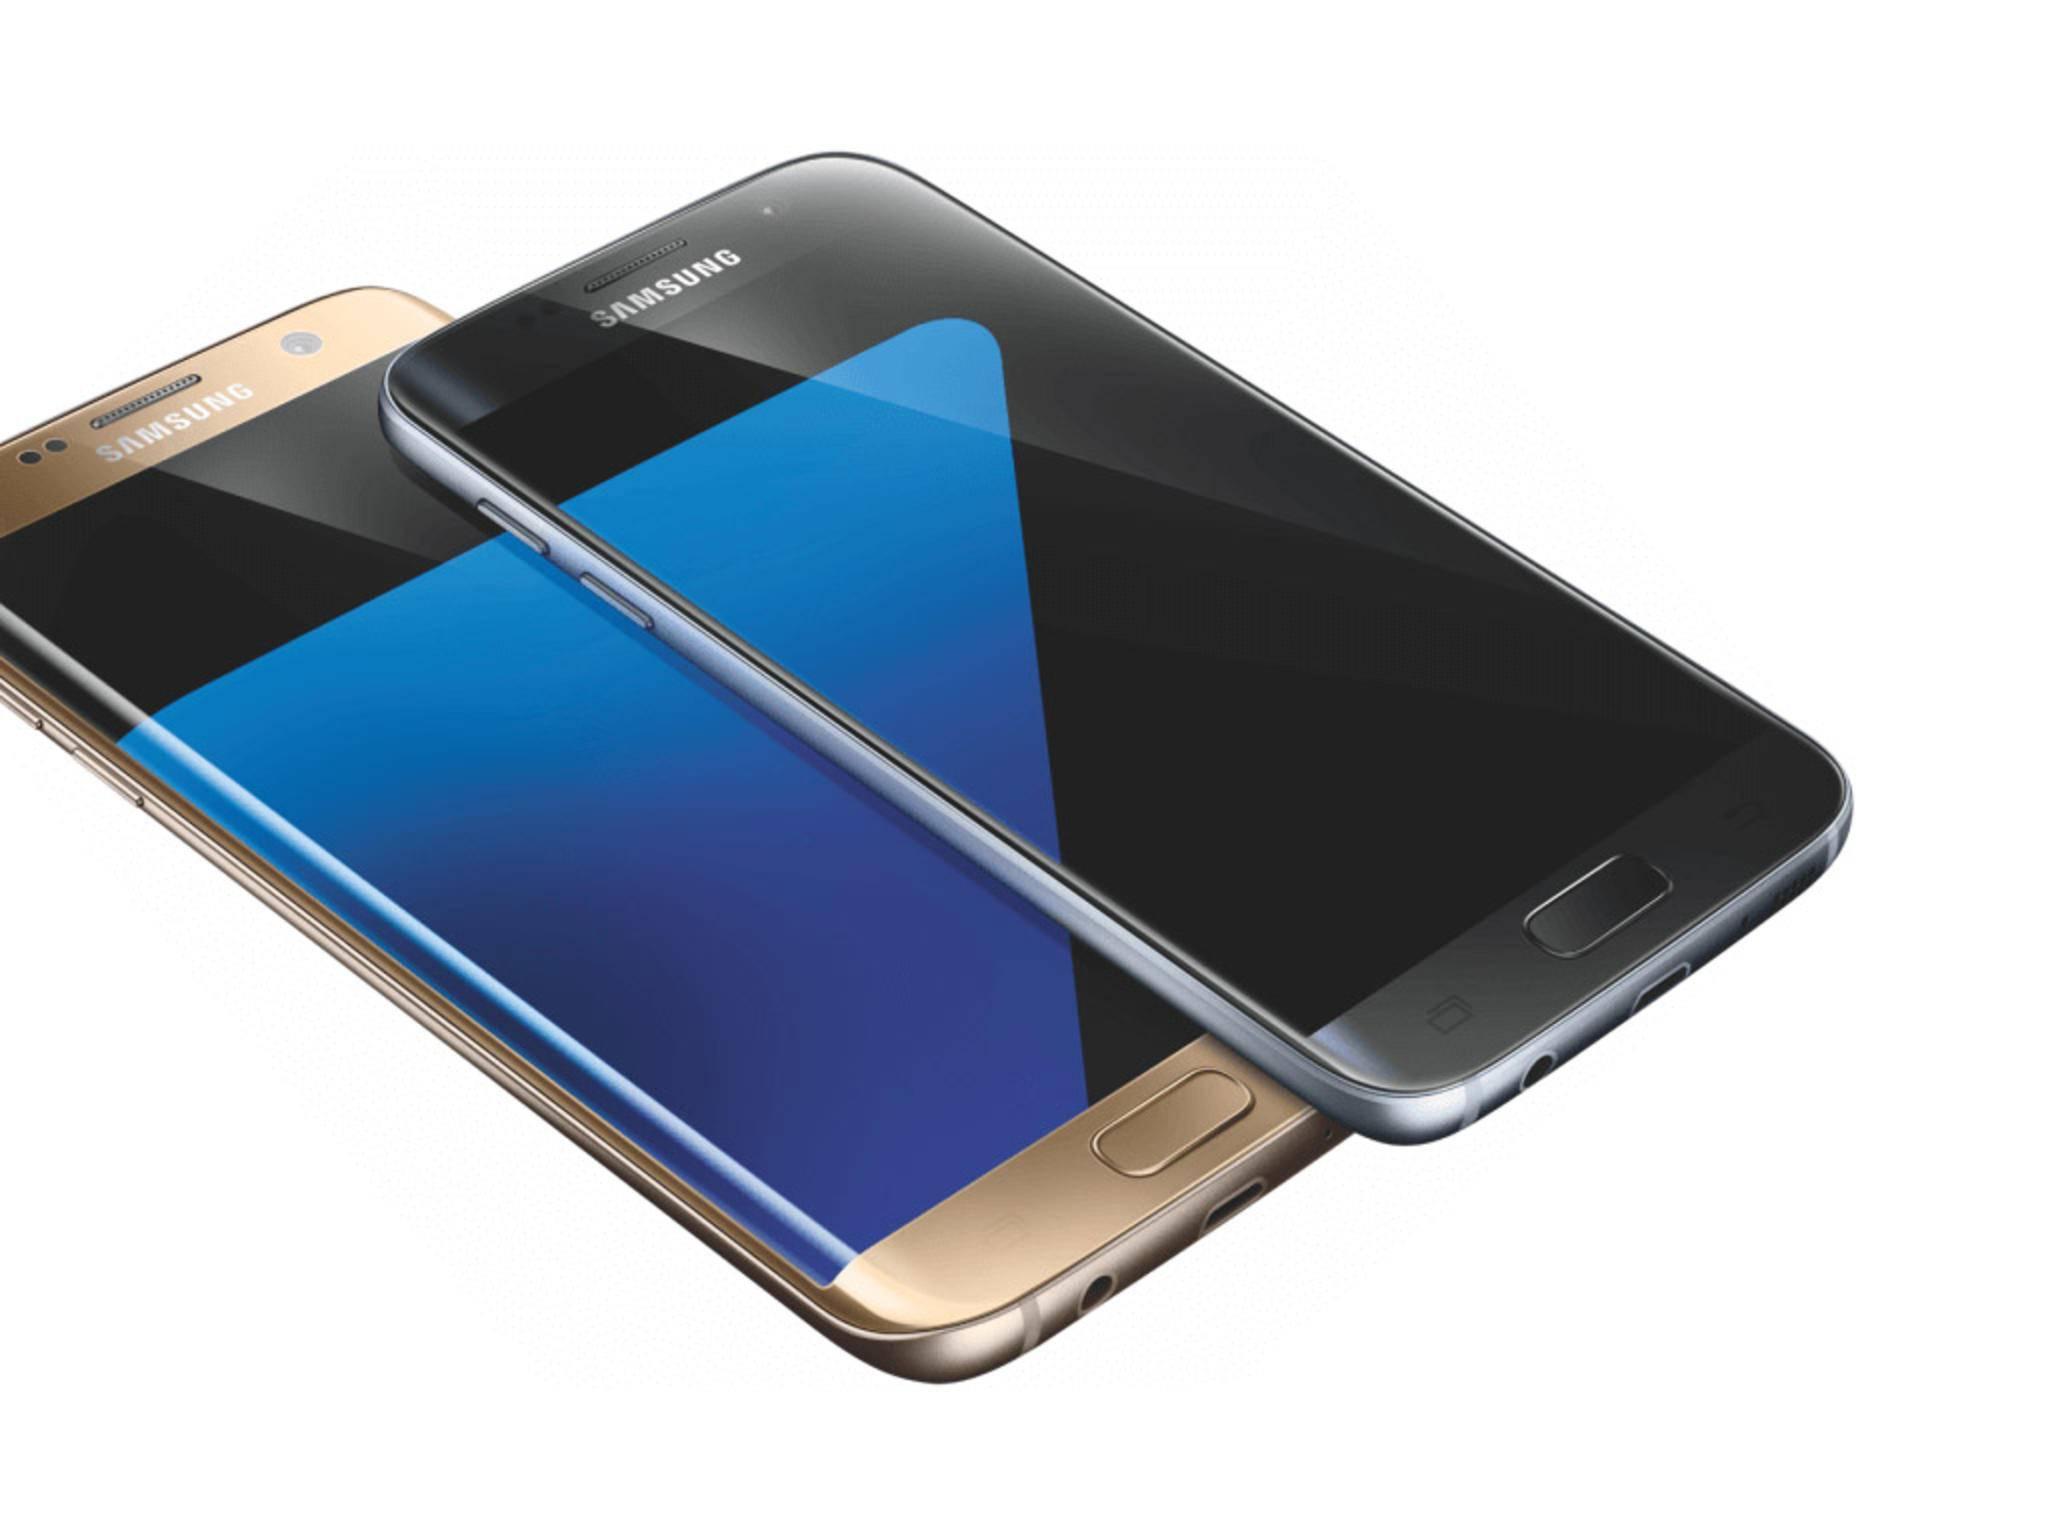 Galaxy S7 und Galaxy S7 edge zeigen sich auf einem Pressebild.